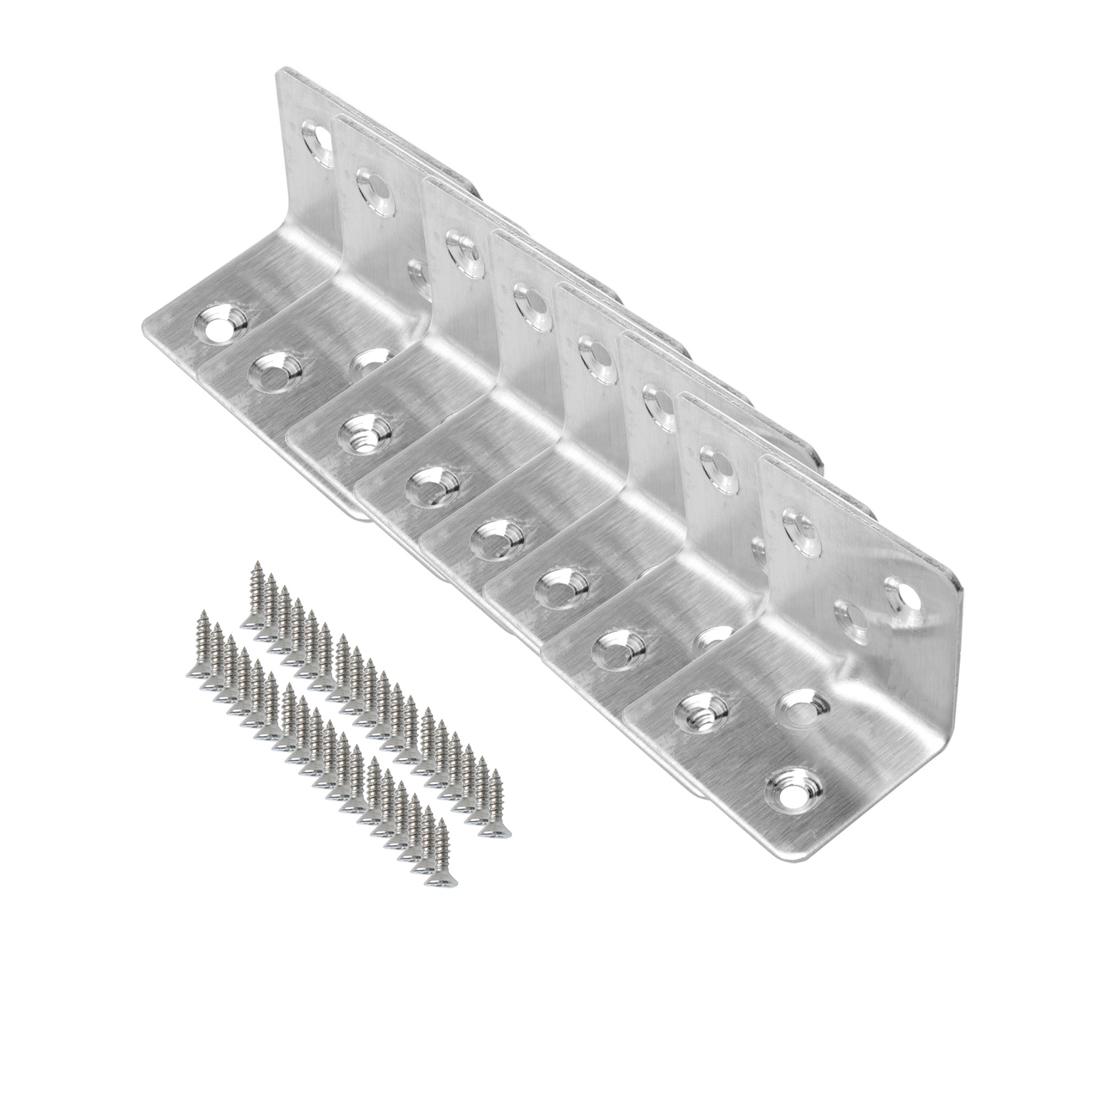 Angle Bracket Stainless Steel Brace Shelf Support w Screws 30 x 30mm, 8pcs